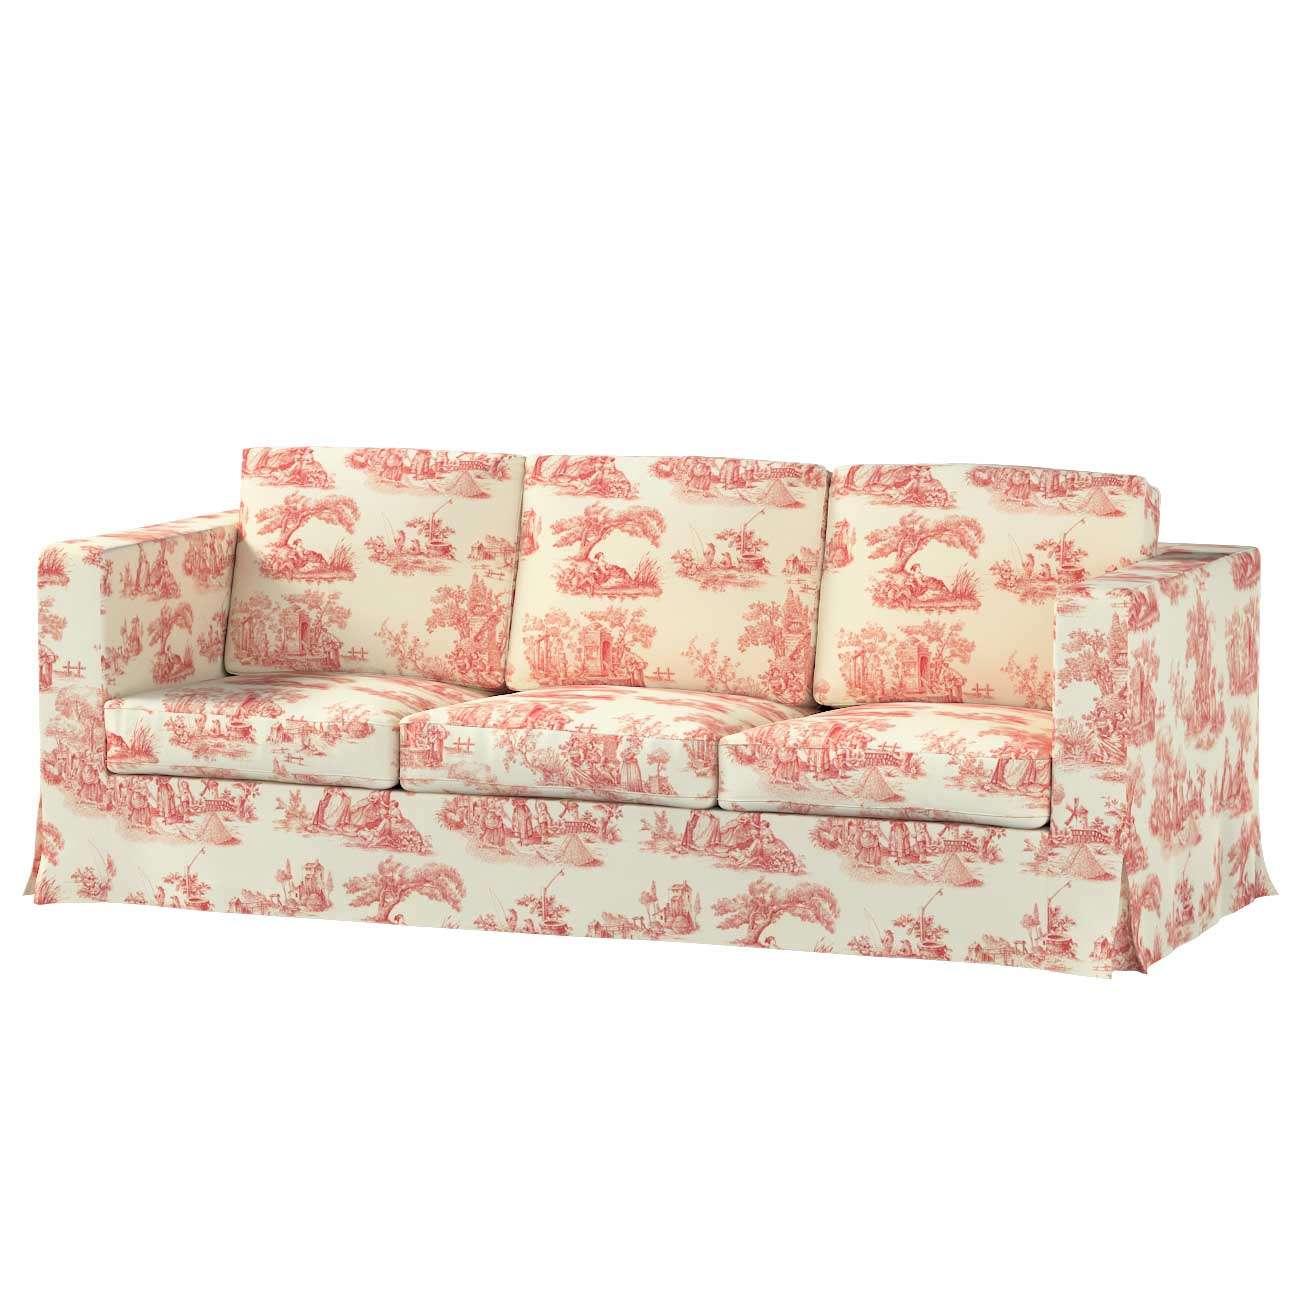 Pokrowiec na sofę Karlanda 3-osobową nierozkładaną, długi w kolekcji Avinon, tkanina: 132-15